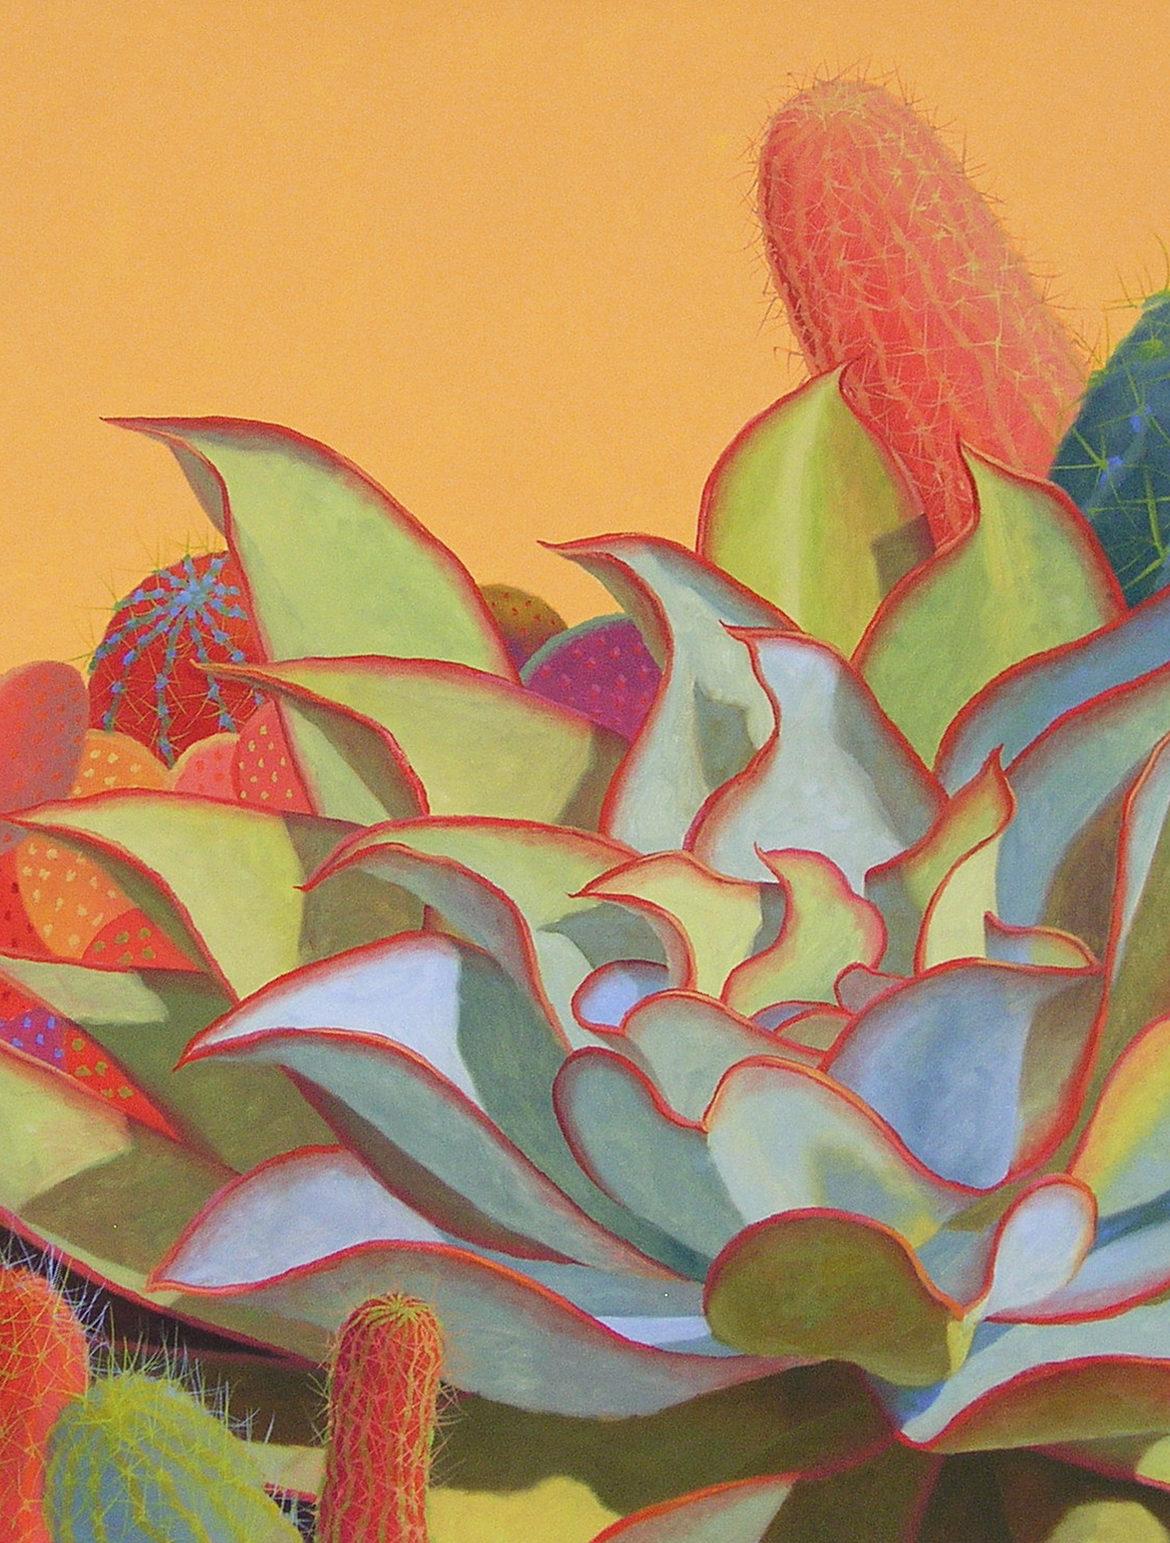 Desert Garden #13, Sharon Weiser, Rogoway Gallery